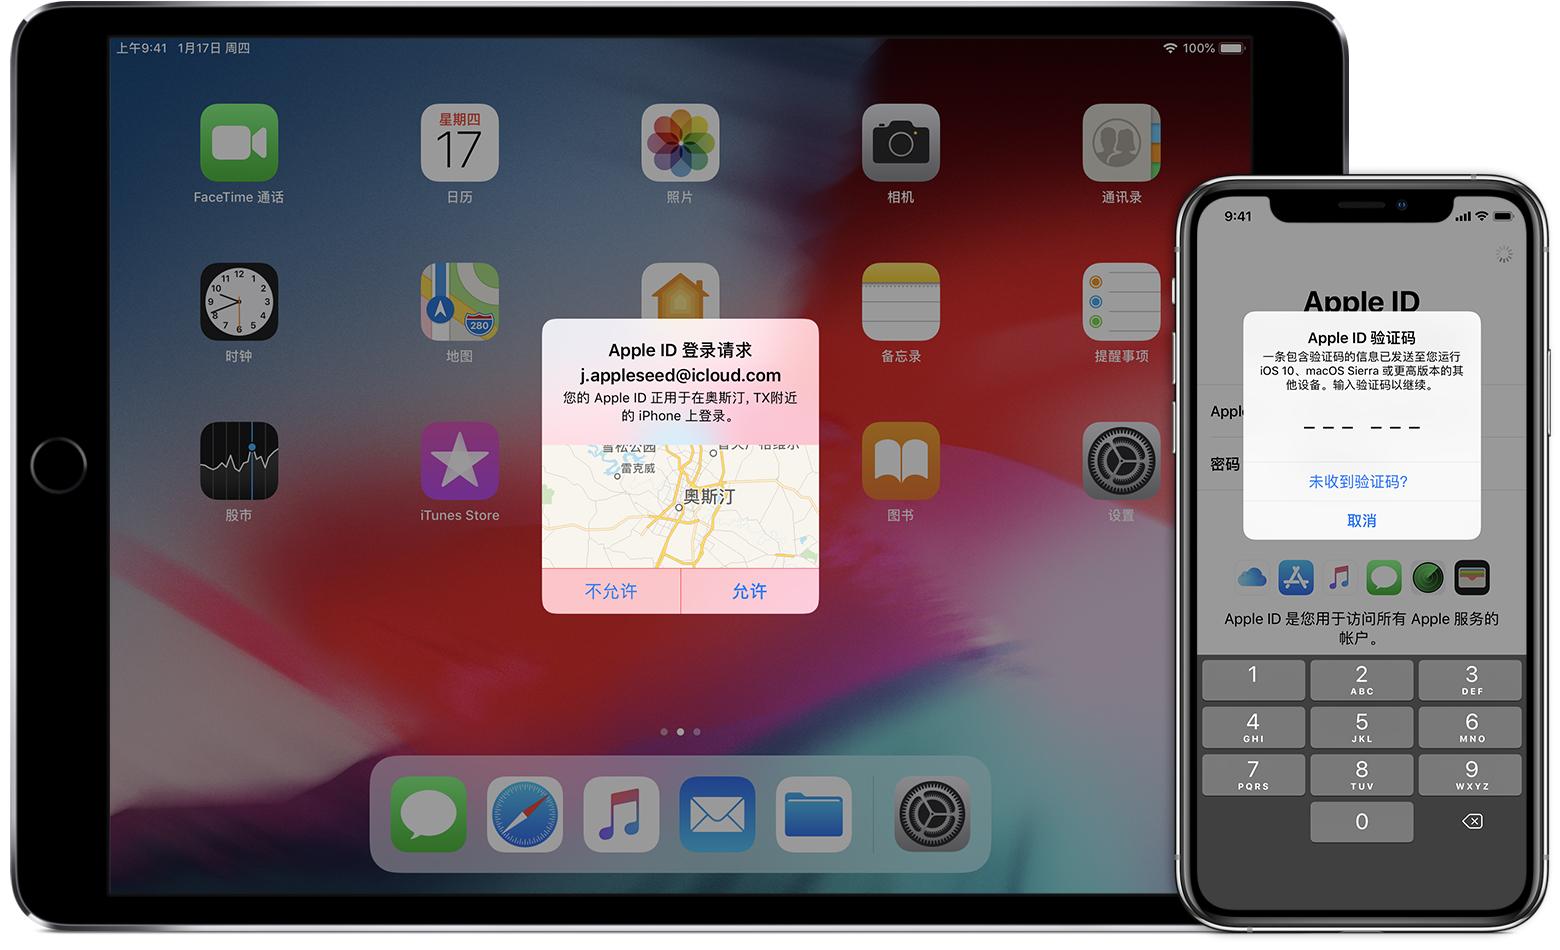 苹果遭用户起诉:双重认证无法关闭侵犯隐私